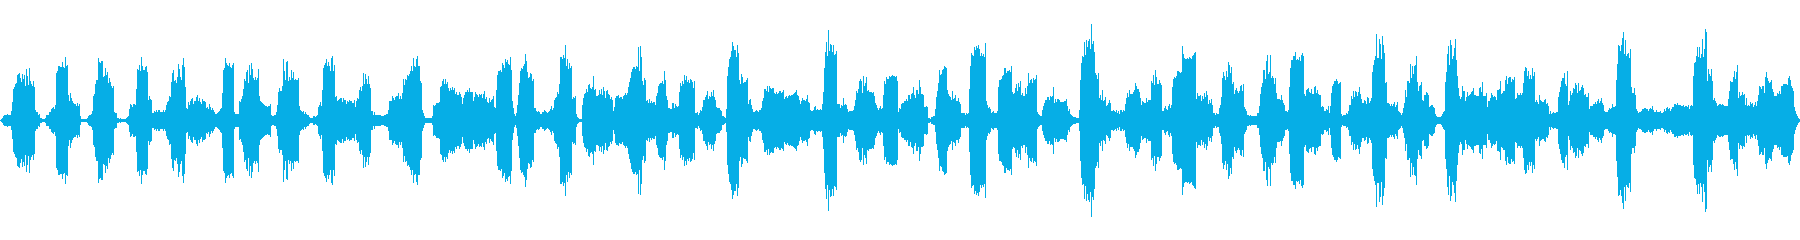 カエルの鳴き声をクローズアップの再生済みの波形